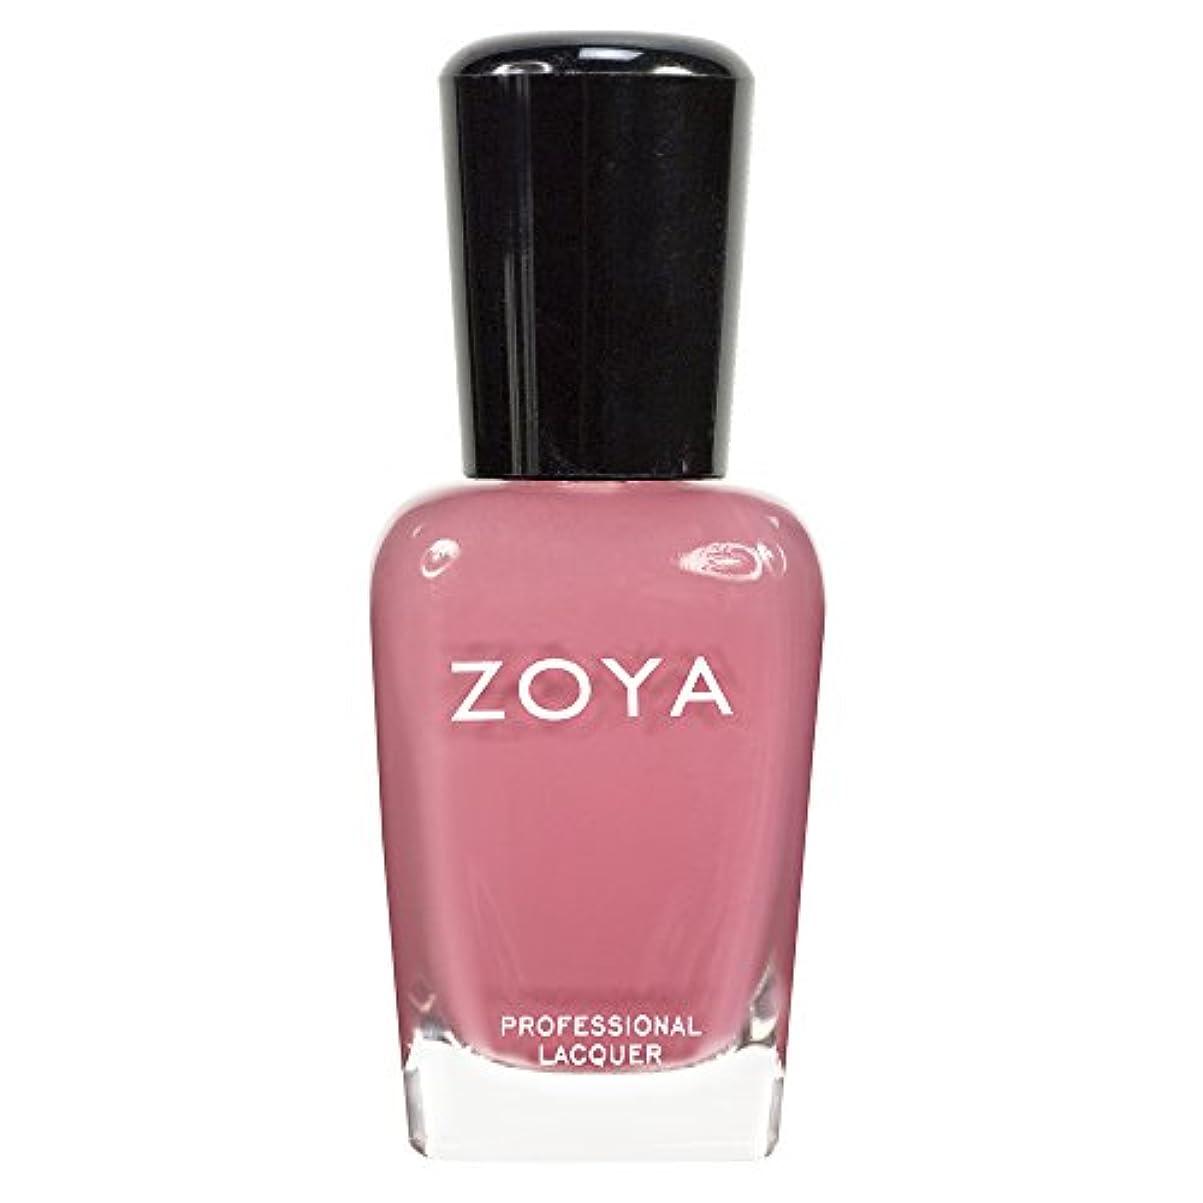 ZOYA ゾーヤ ネイルカラーZP436 ZANNA ザンナ  15ml 淡いモーブピンク マット 爪にやさしいネイルラッカーマニキュア